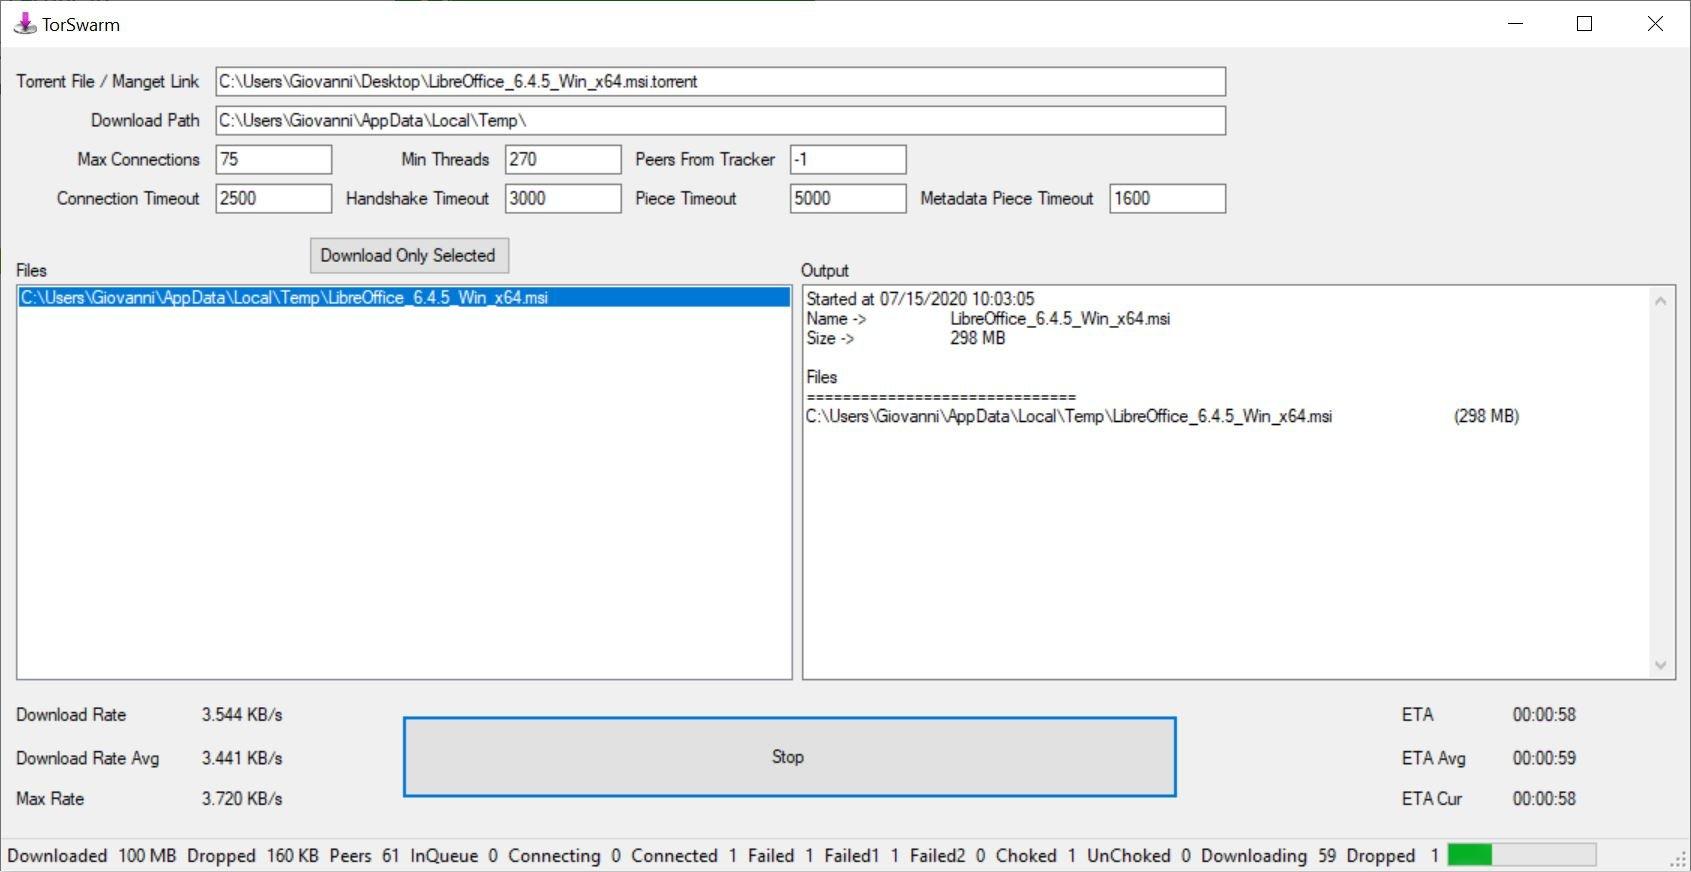 Come scaricare file torrent con TorSwarm senza installare nulla